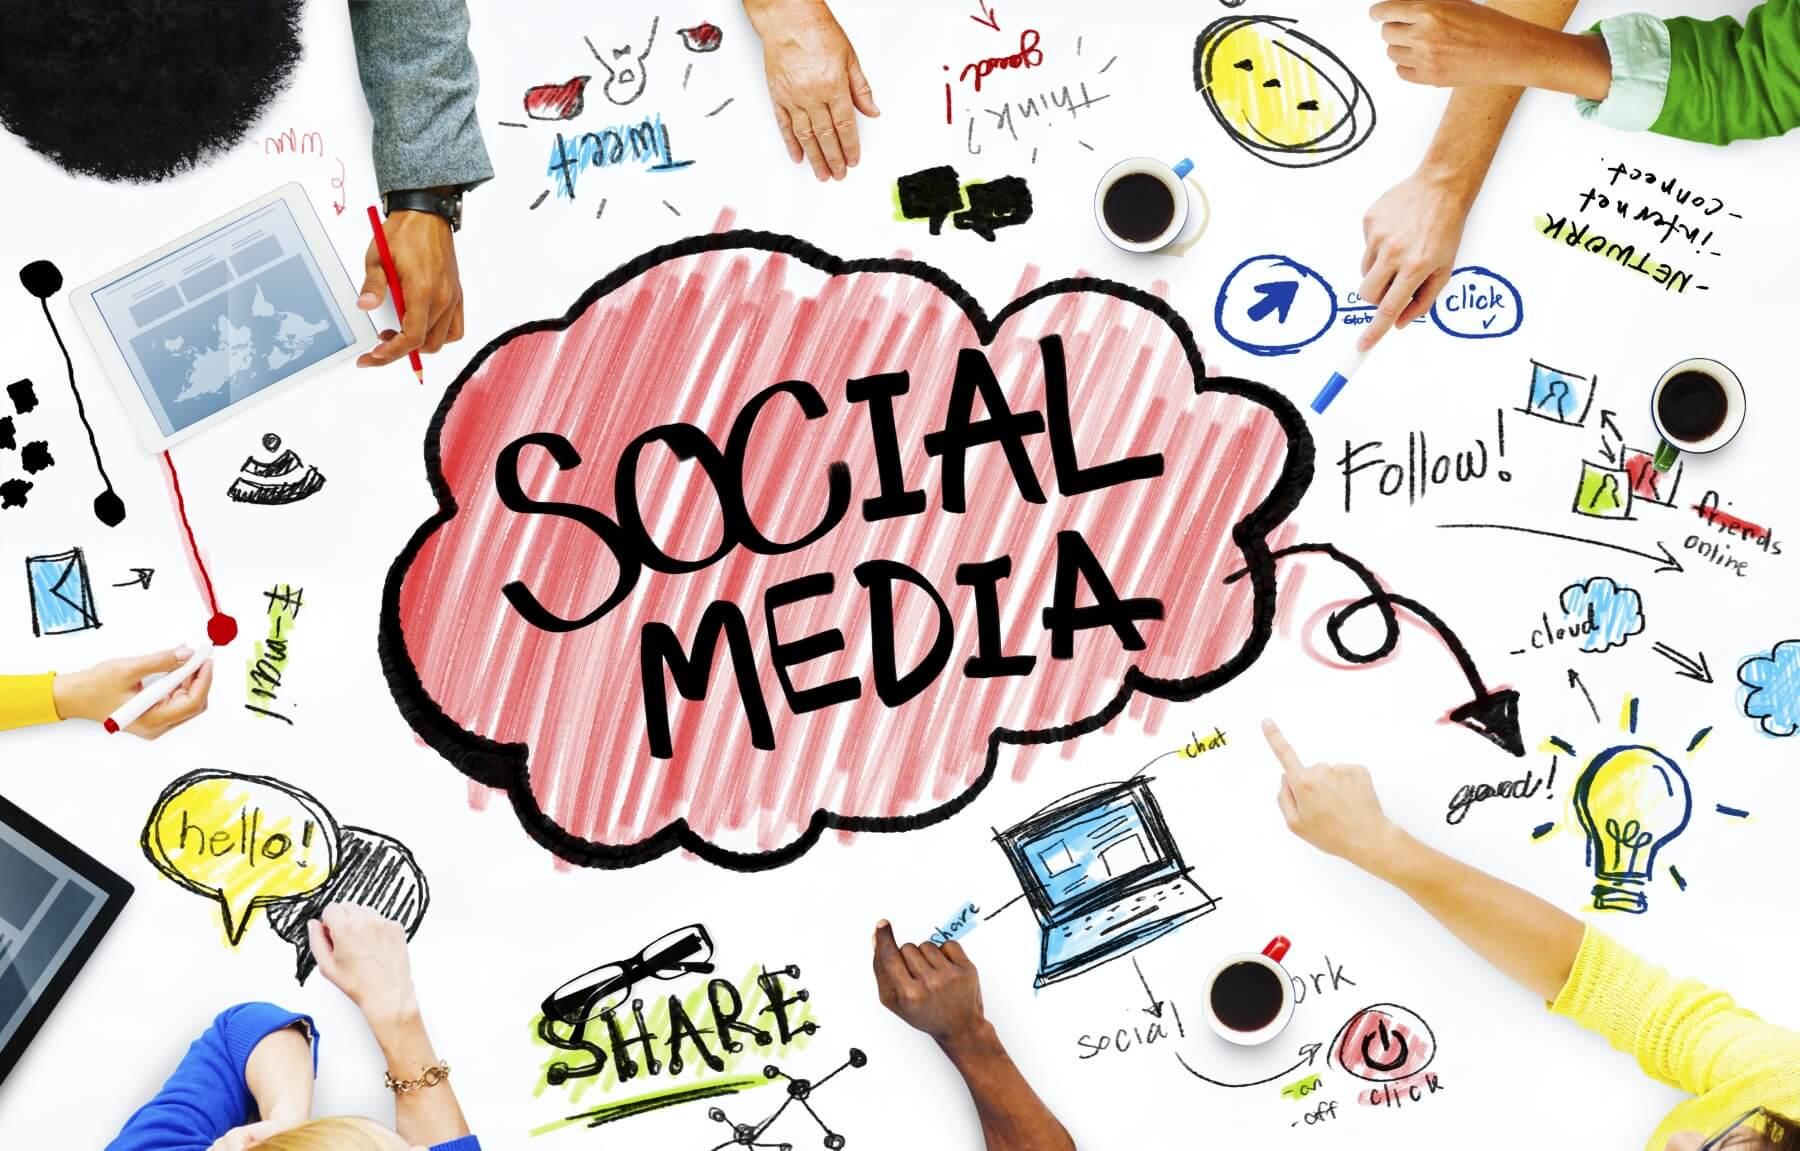 مدیریت شبکه های اجتماعی بسیار مسئله ی مهمی است